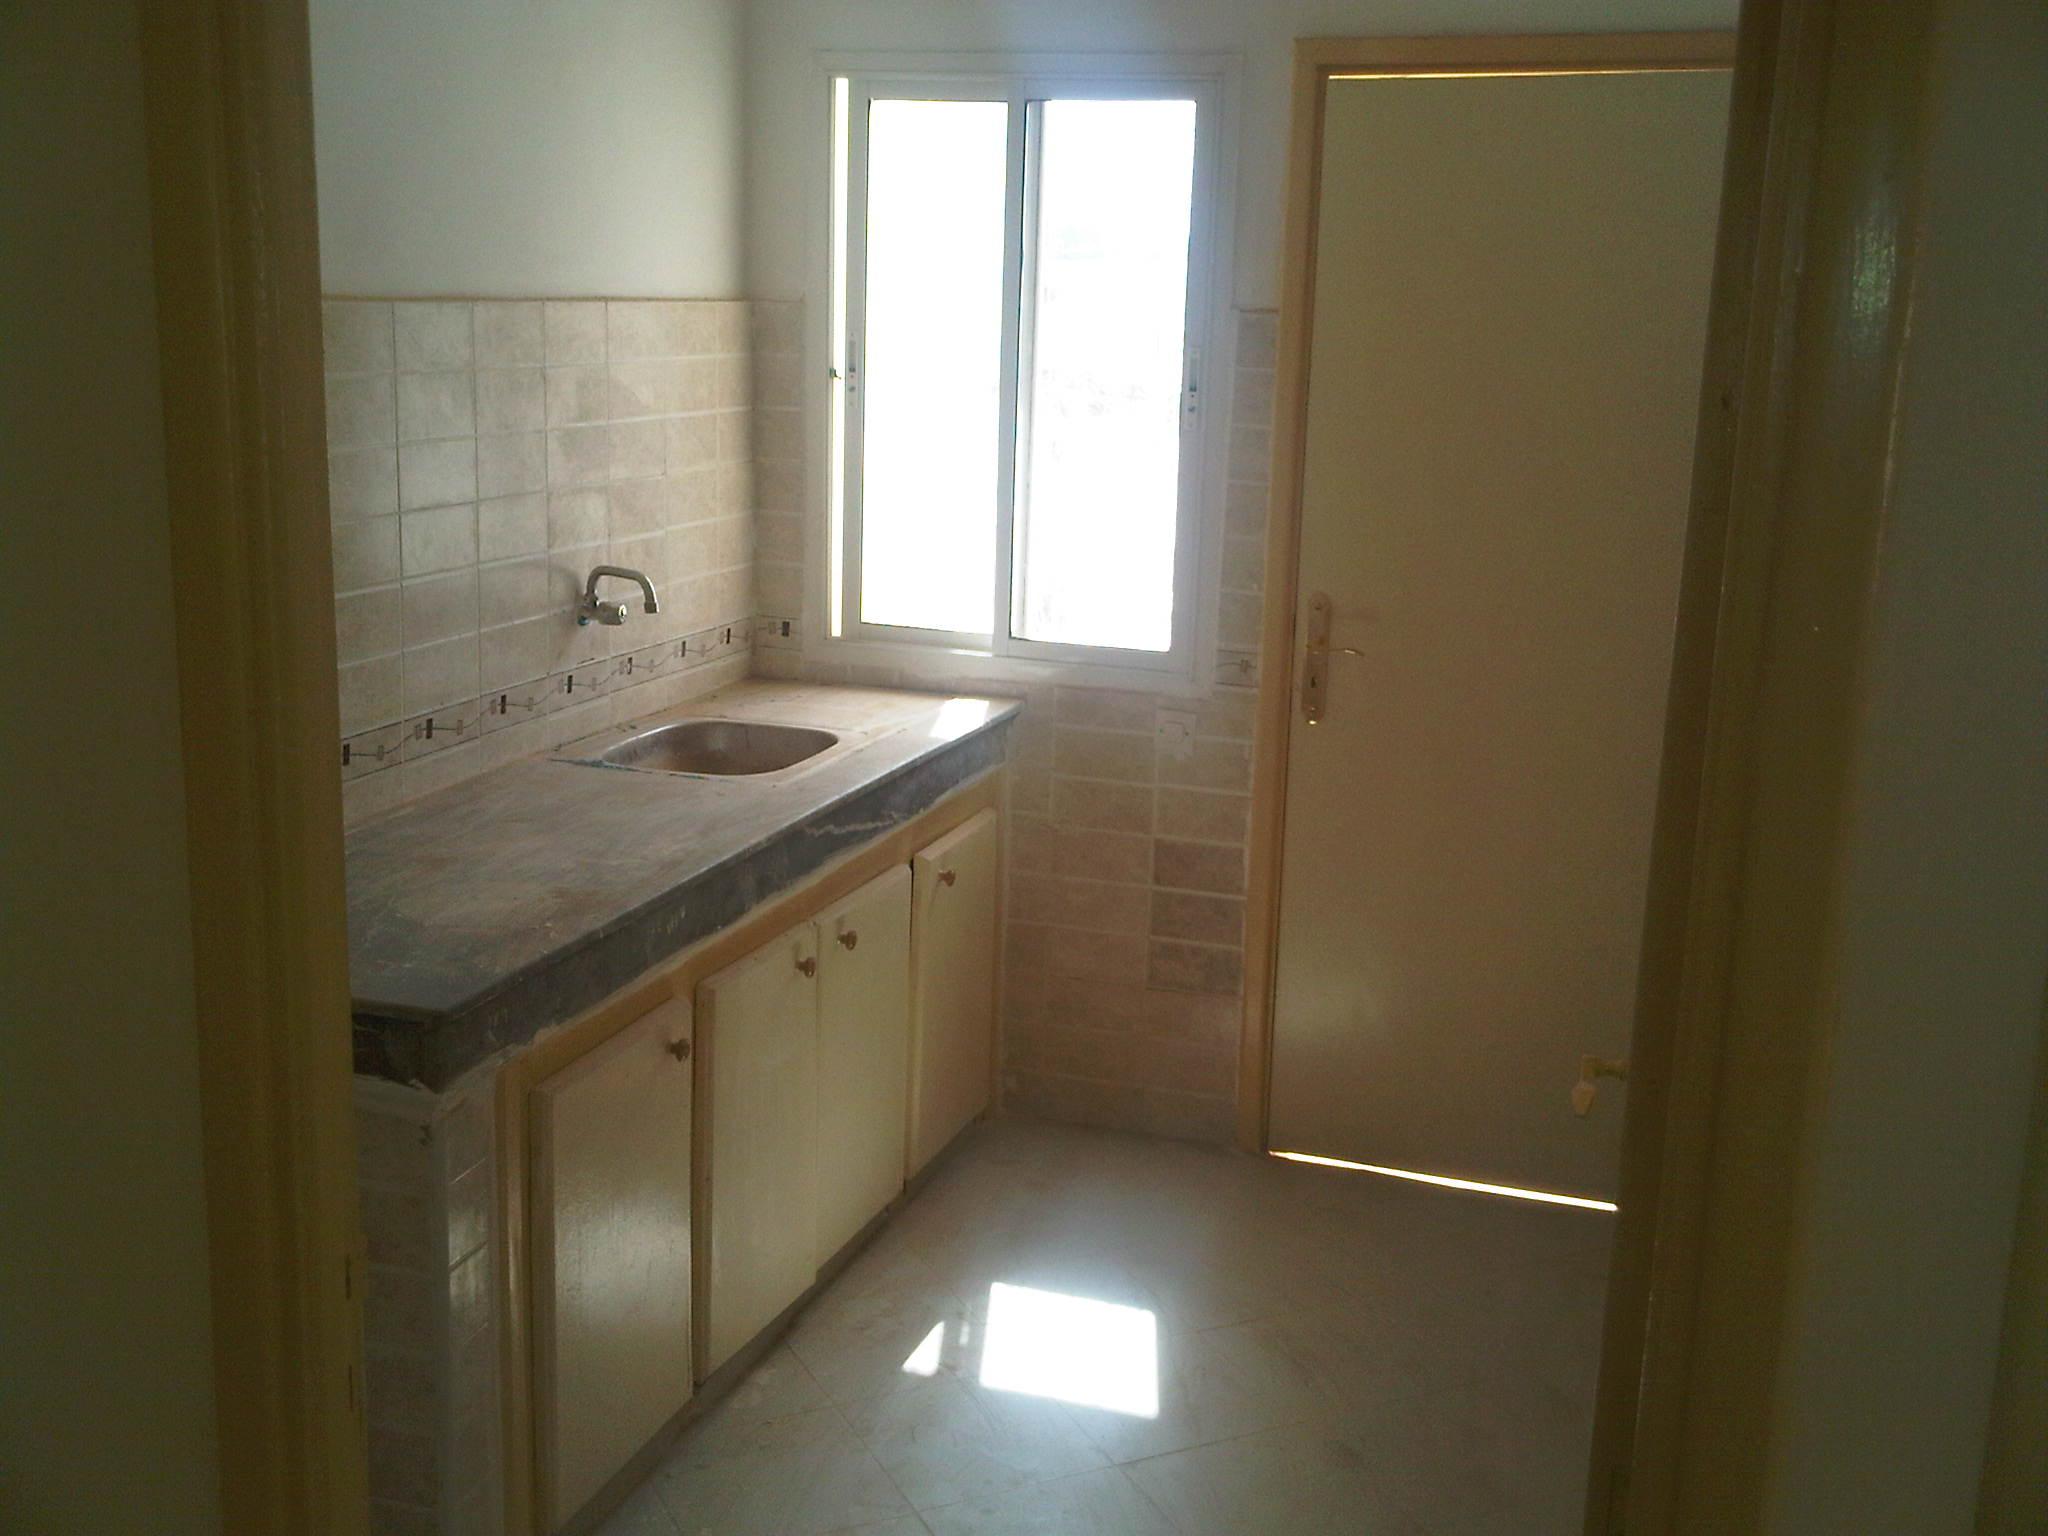 Salle De Bain Fes Maroc ~ immobilier fes maroc maroc addoha immobilier fes pas cher